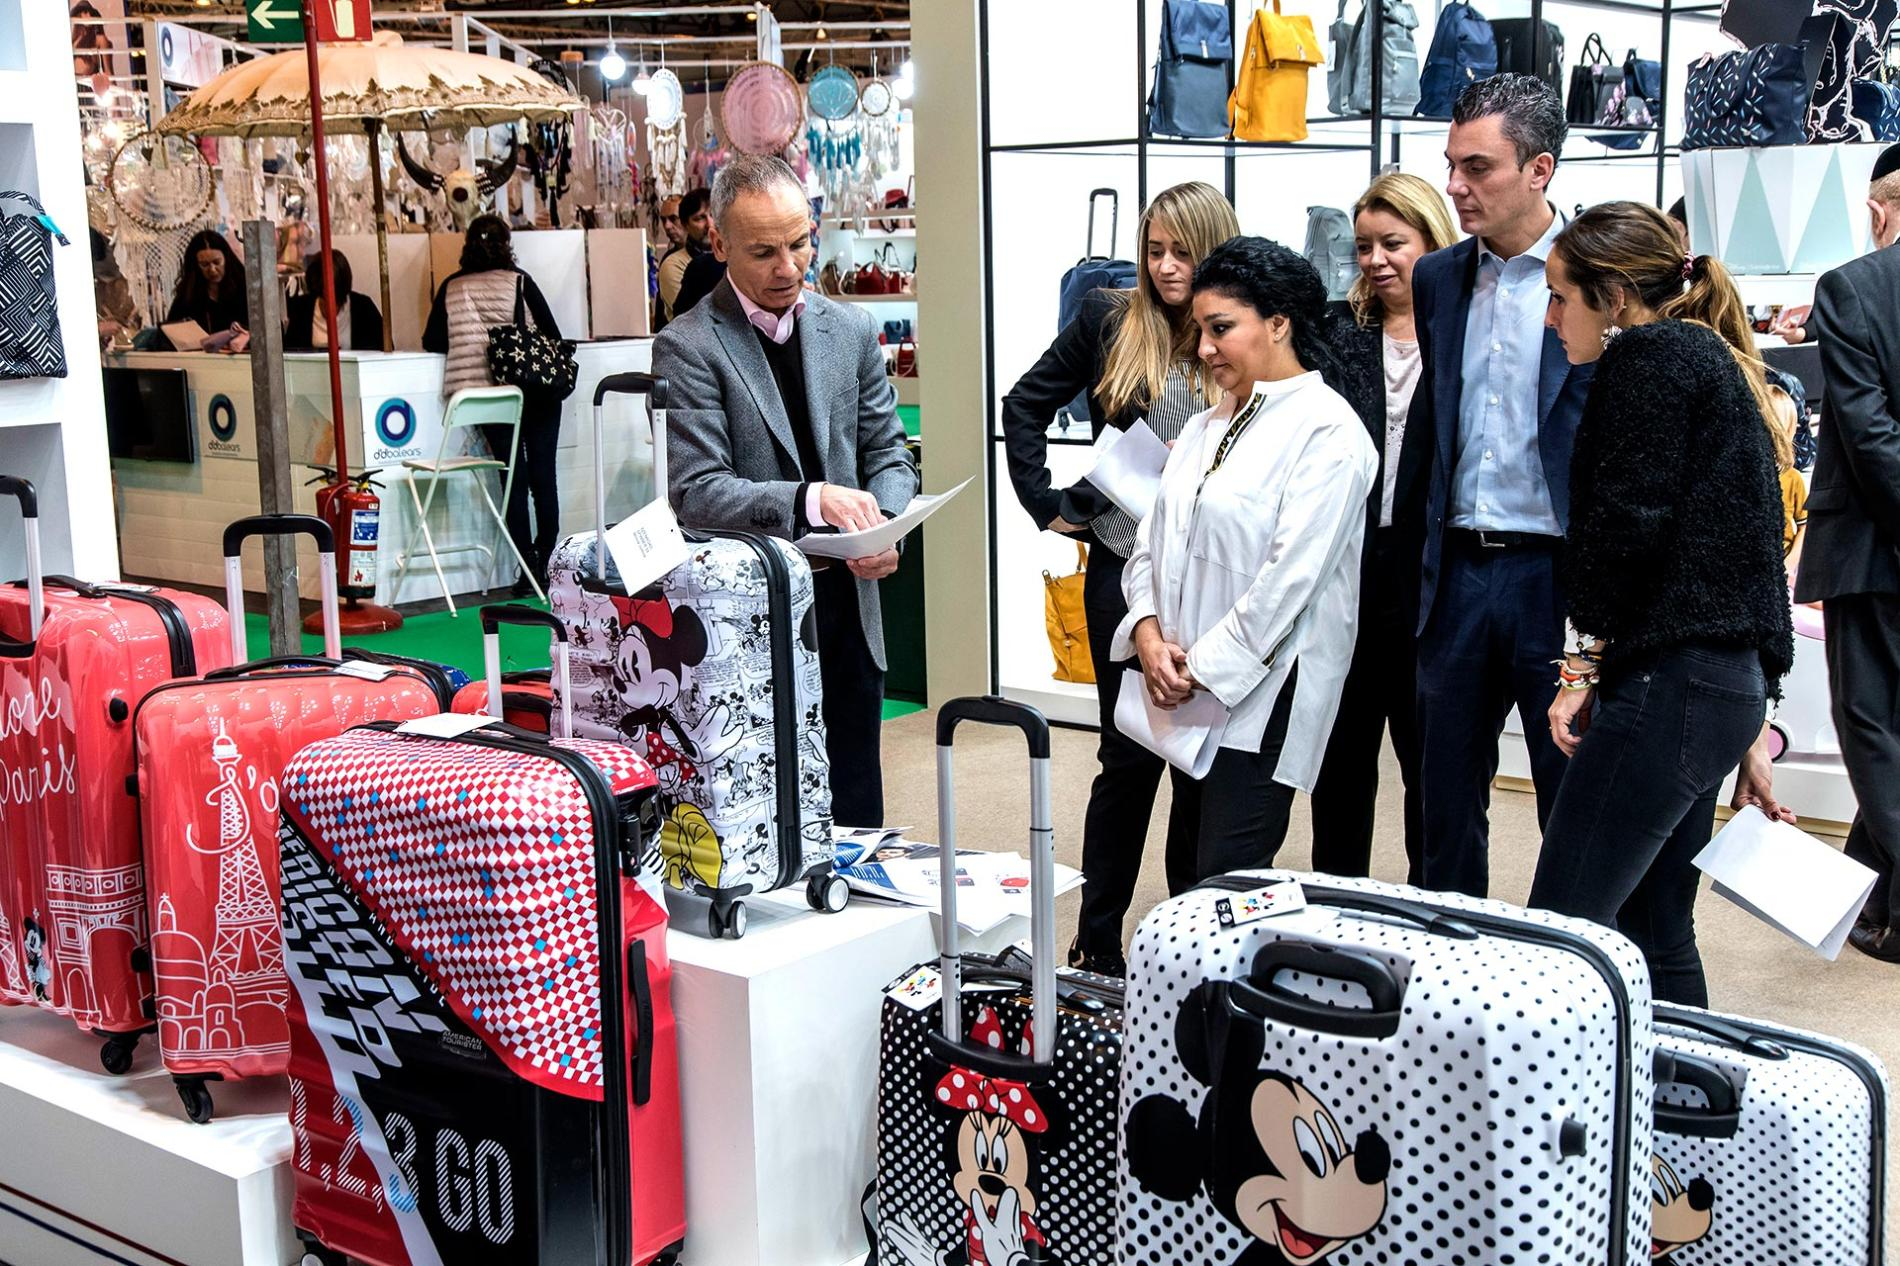 exhibitor explaining travel suitcases